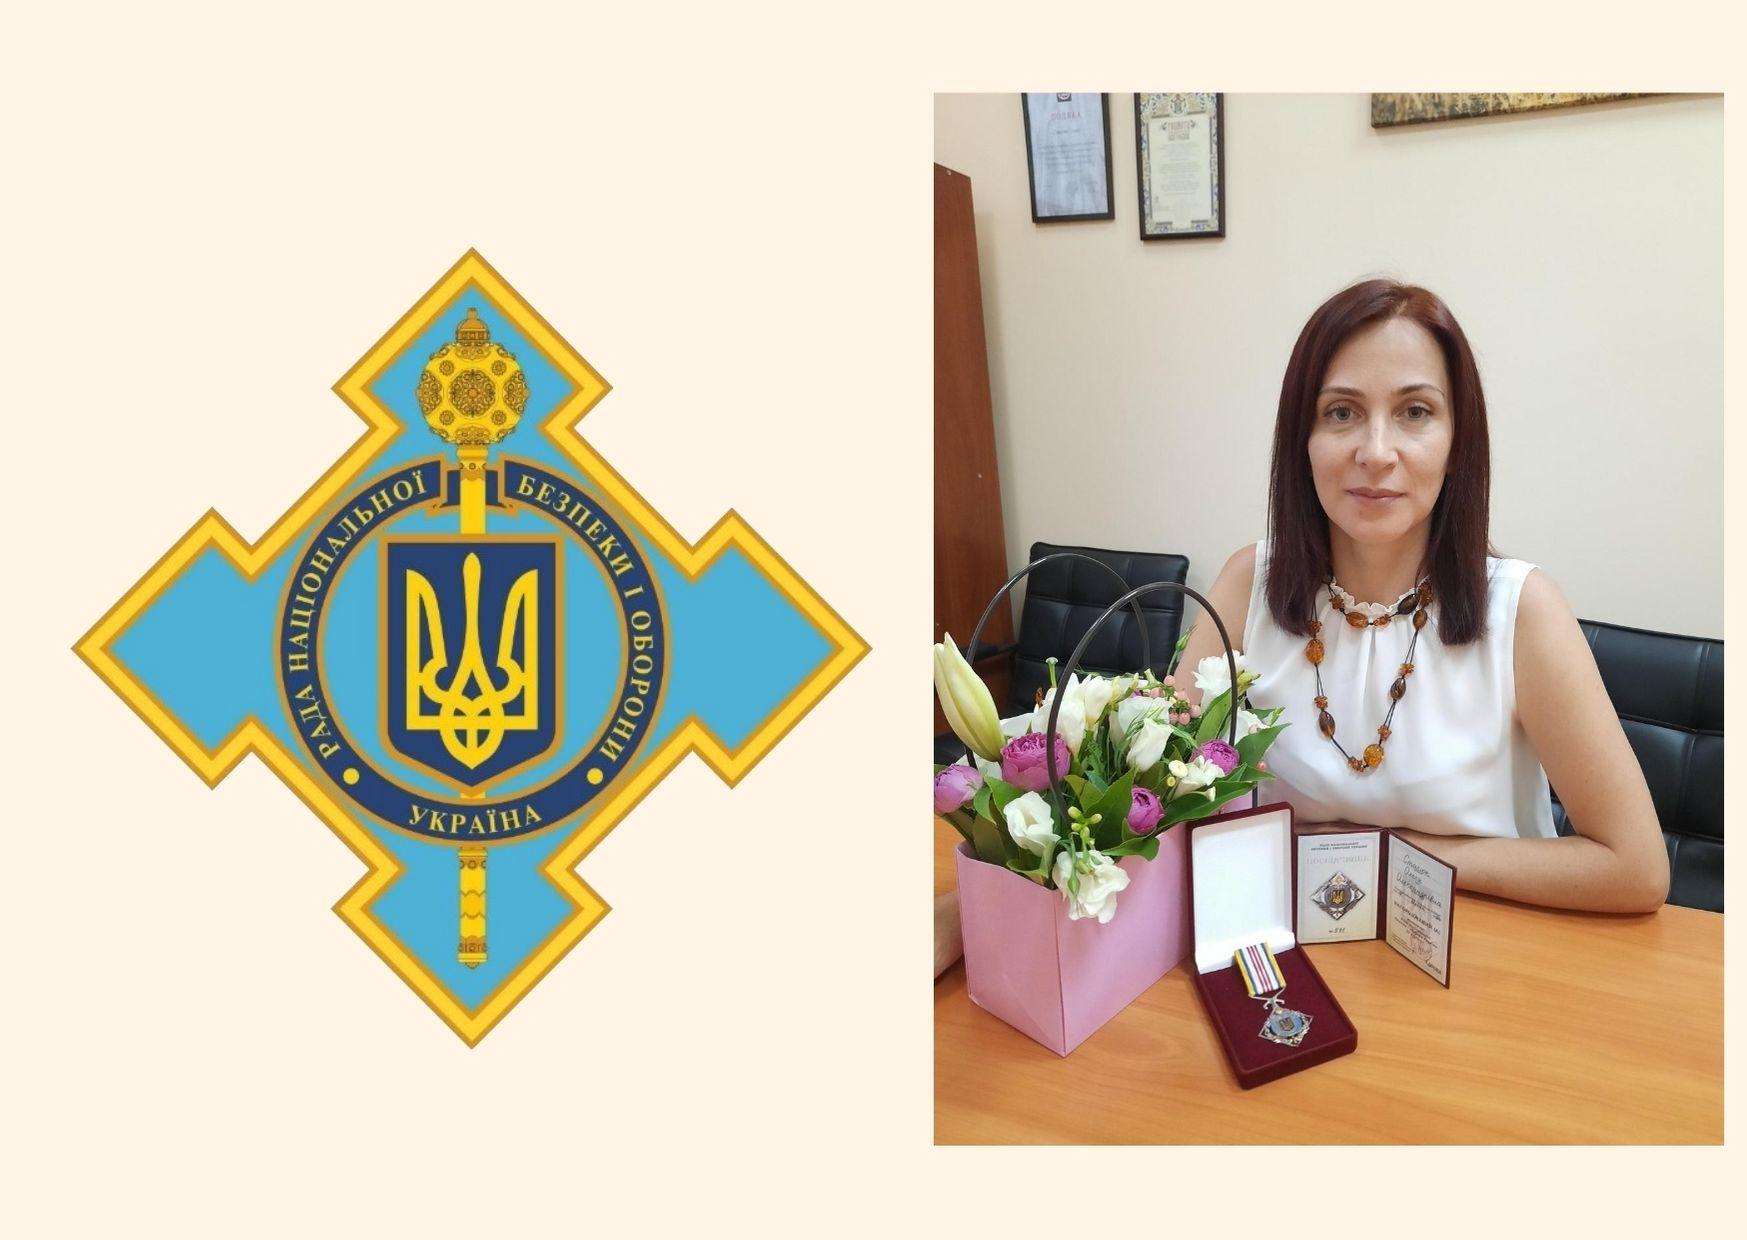 На фото - зображення відзнаки РНБО і поряд фото Олесі Стасюк, яка сидить за столом,одягнена у білу літню сукню.